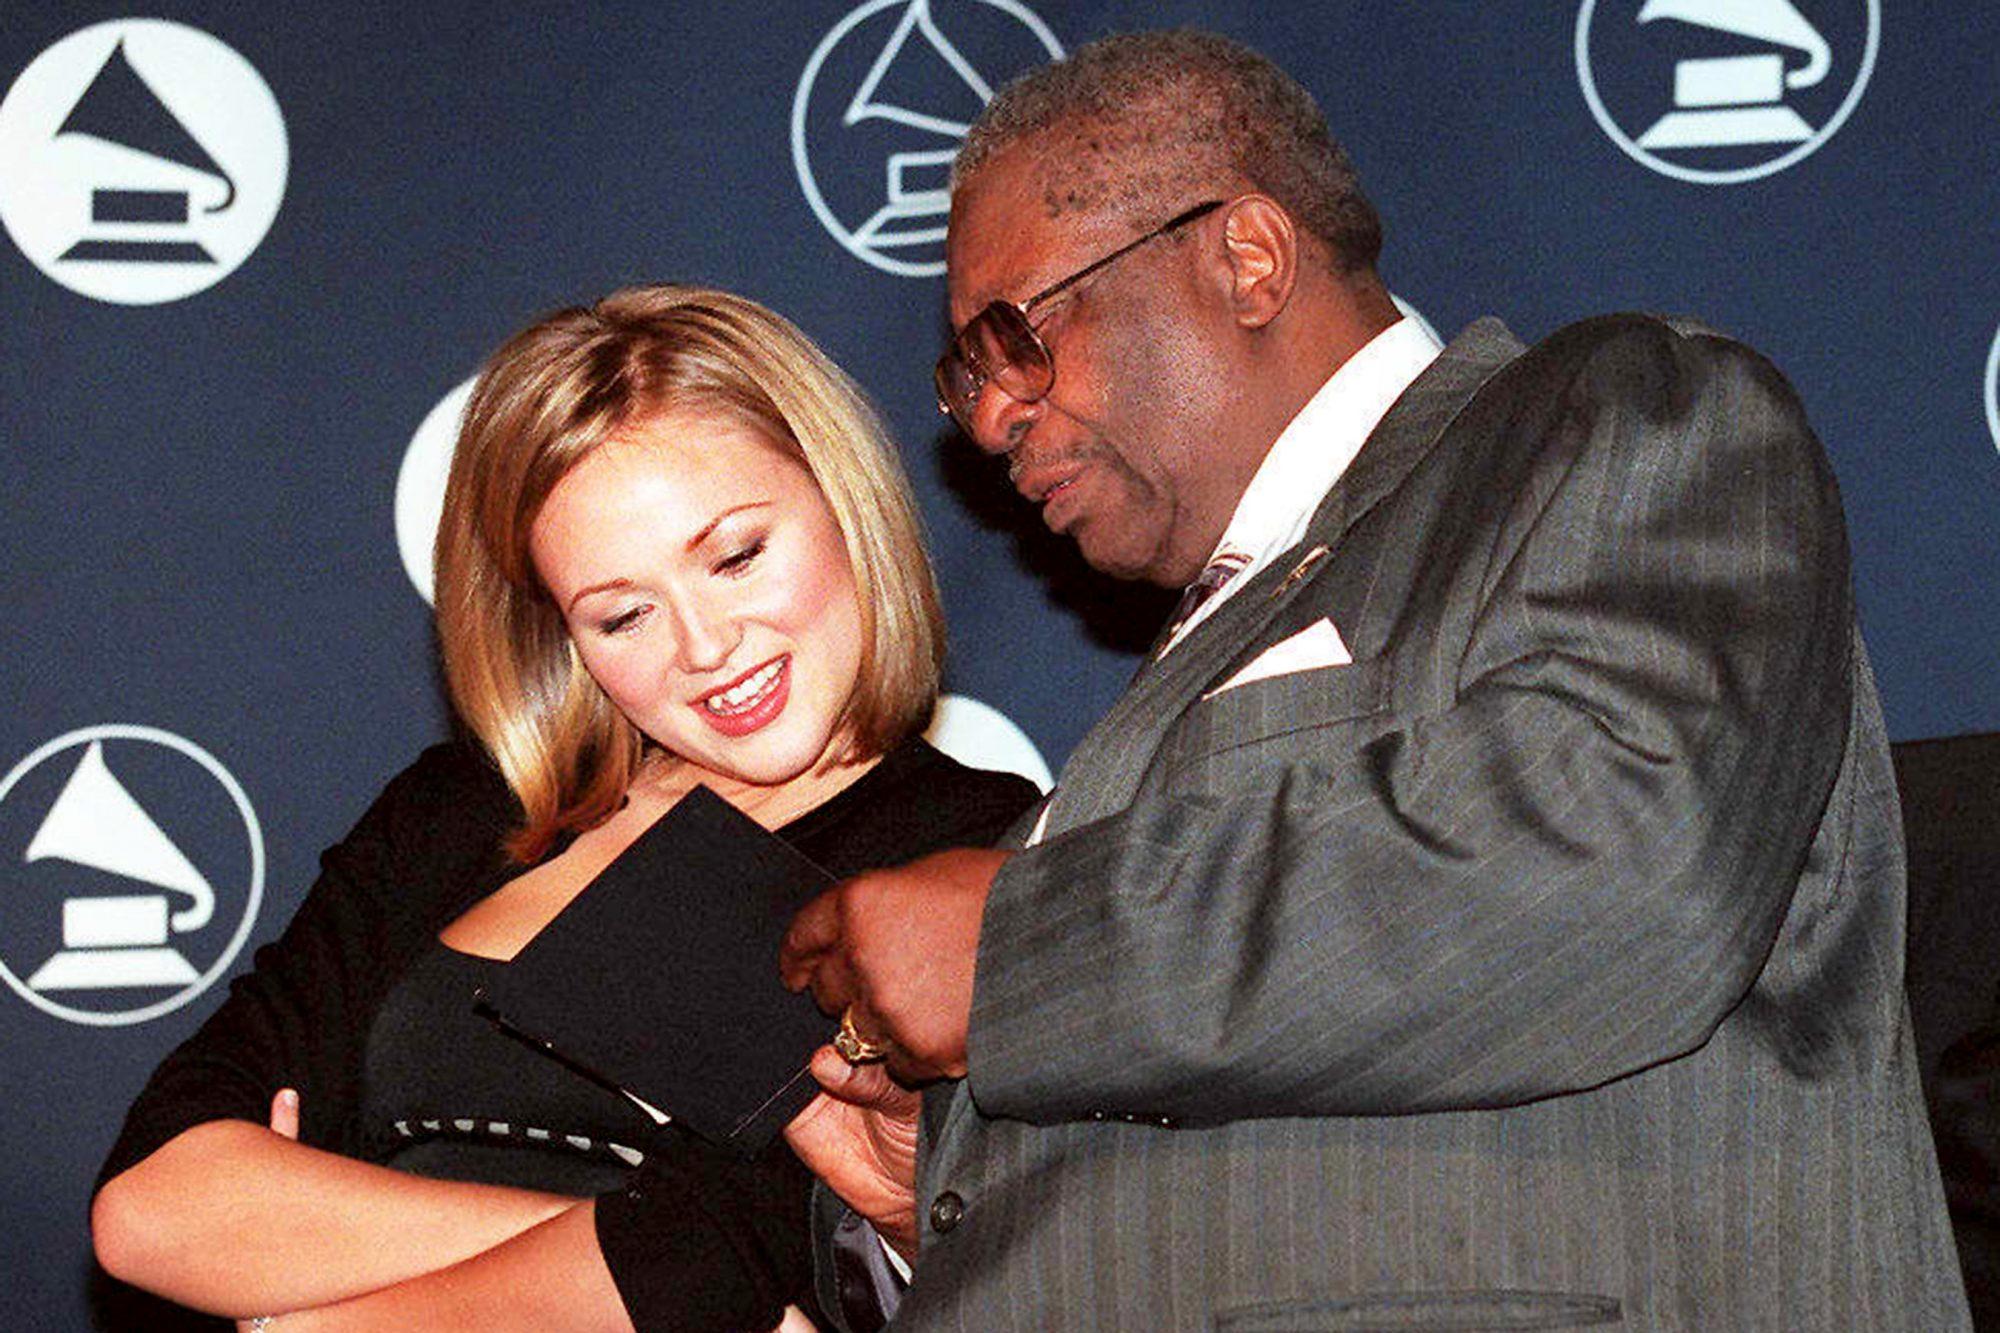 Grammy nominees Jewel and blues legend B.B. King l